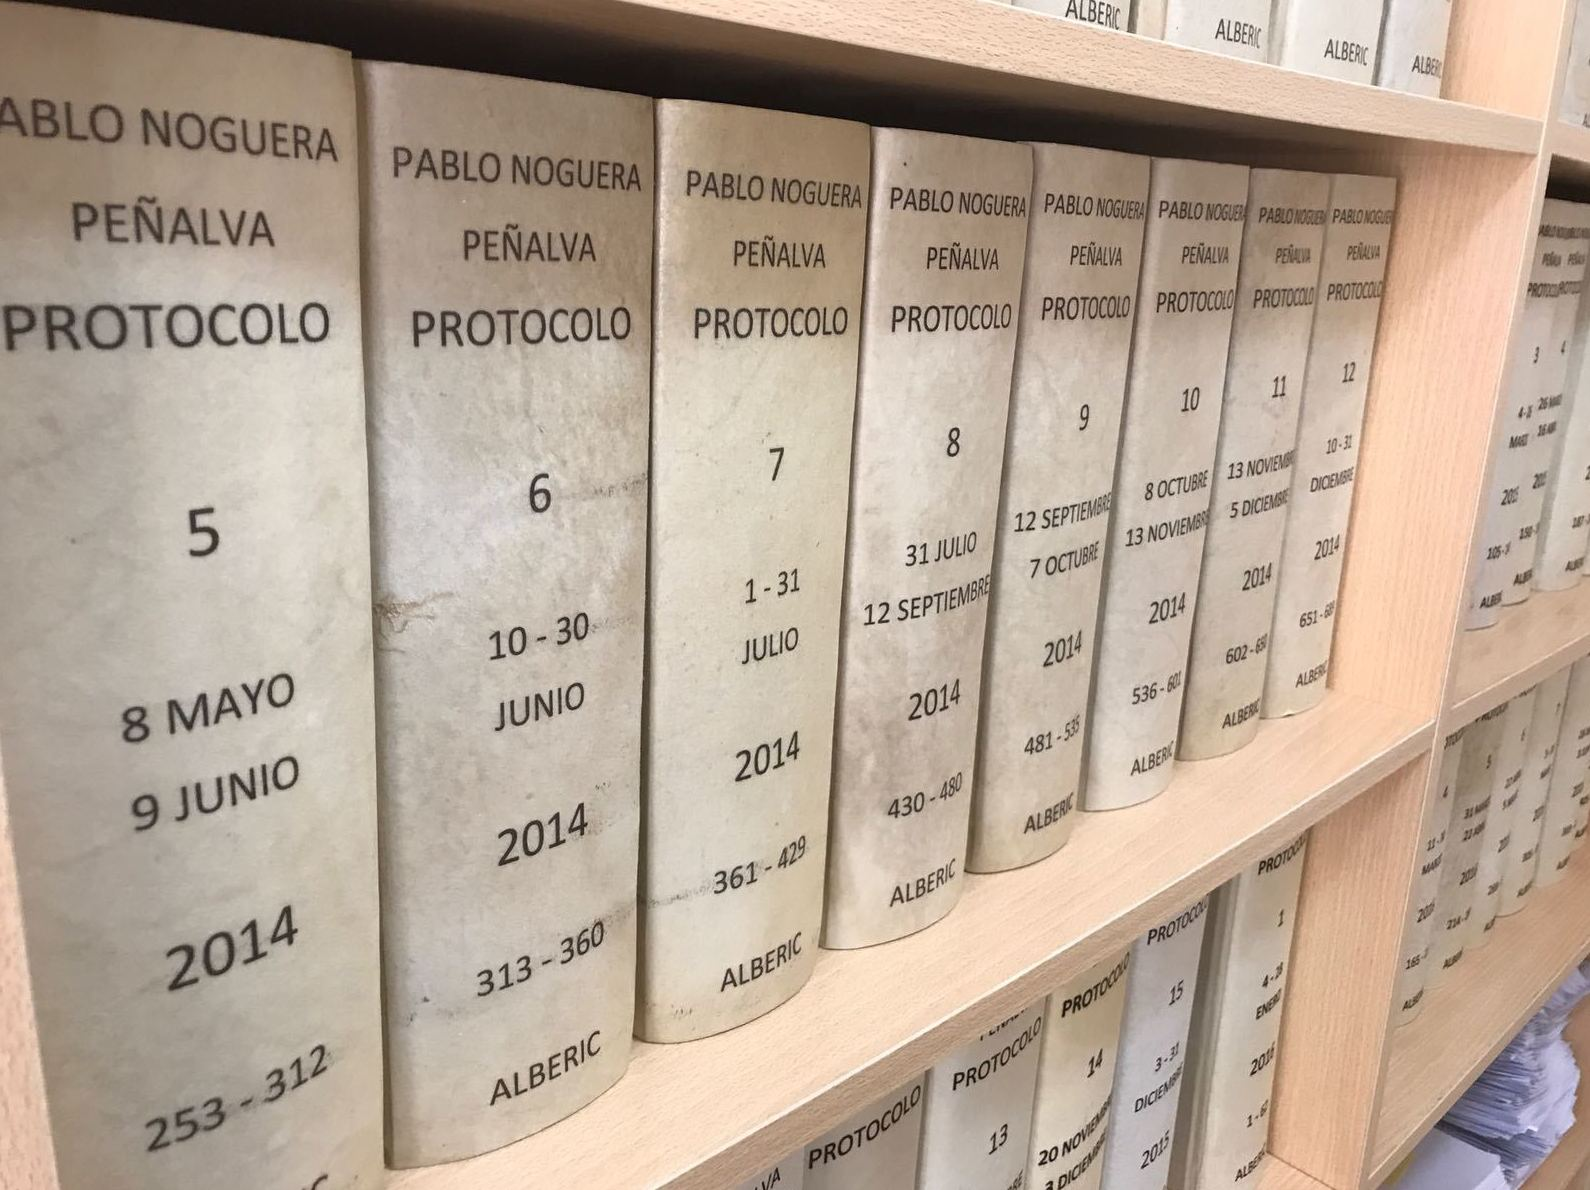 Foto 3 de Notarías en Alberic | Notaría Alberic P. Noguera